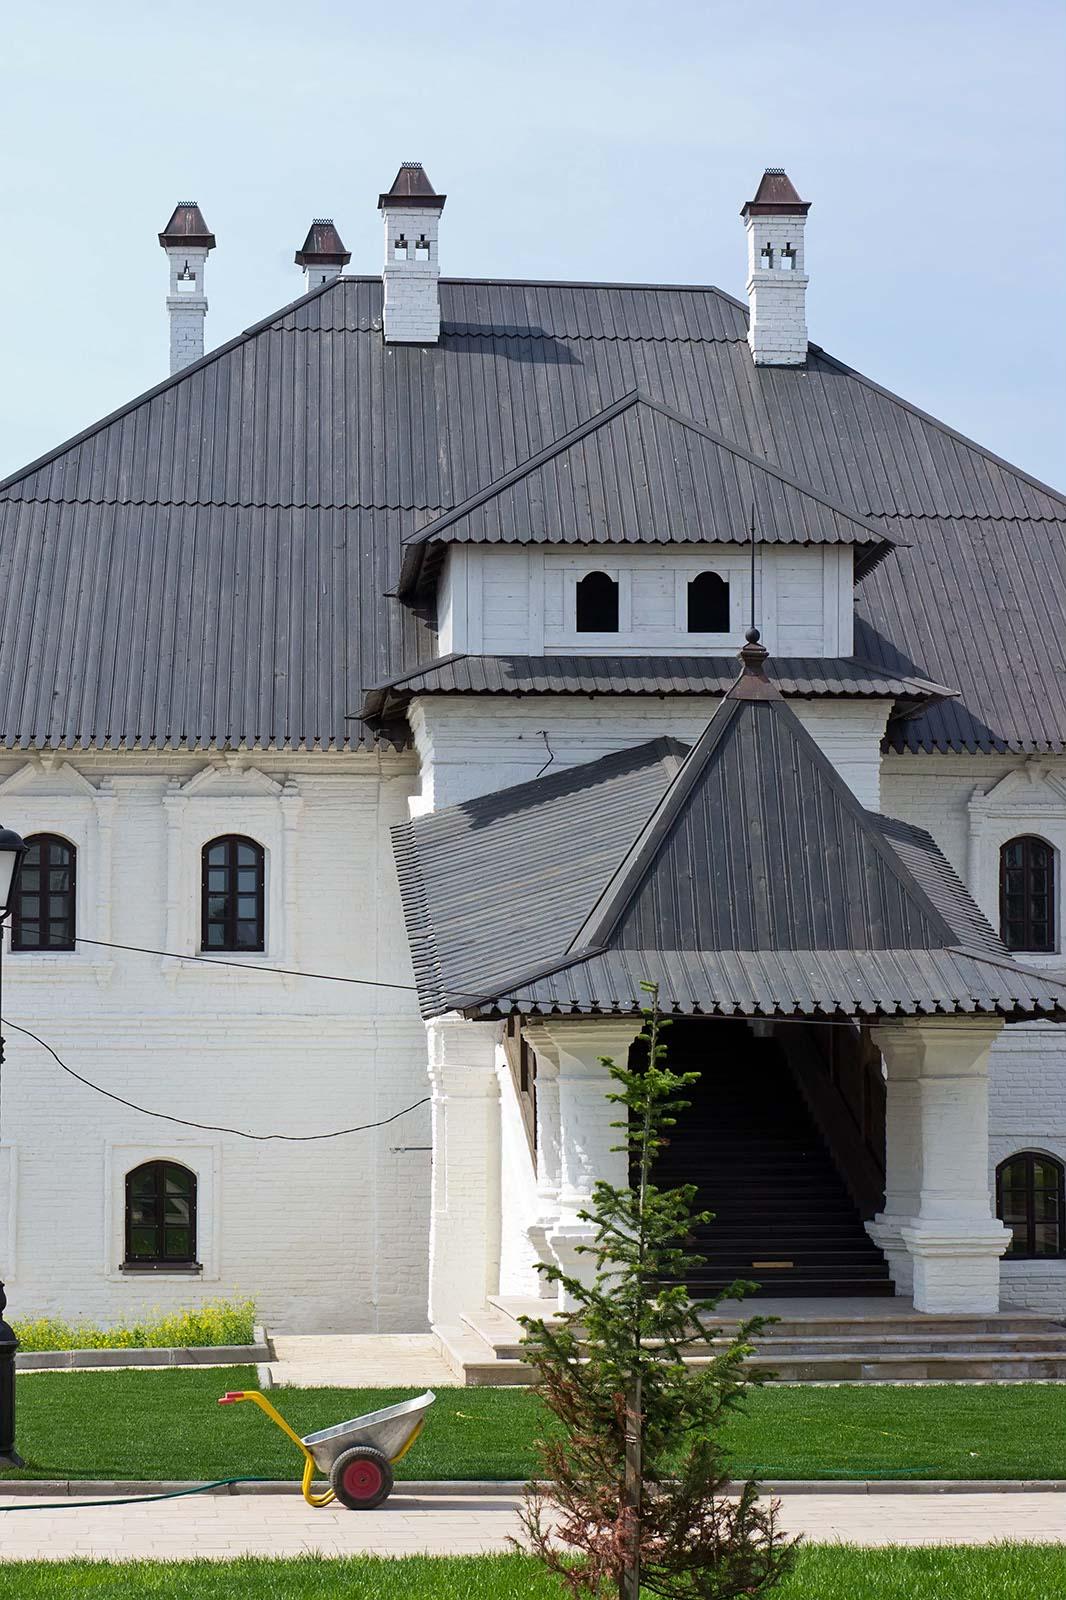 Фото №104628. Архимадричий корпус мужского монастыря XVIII. Архитектурный ансабль Успенского монастыря